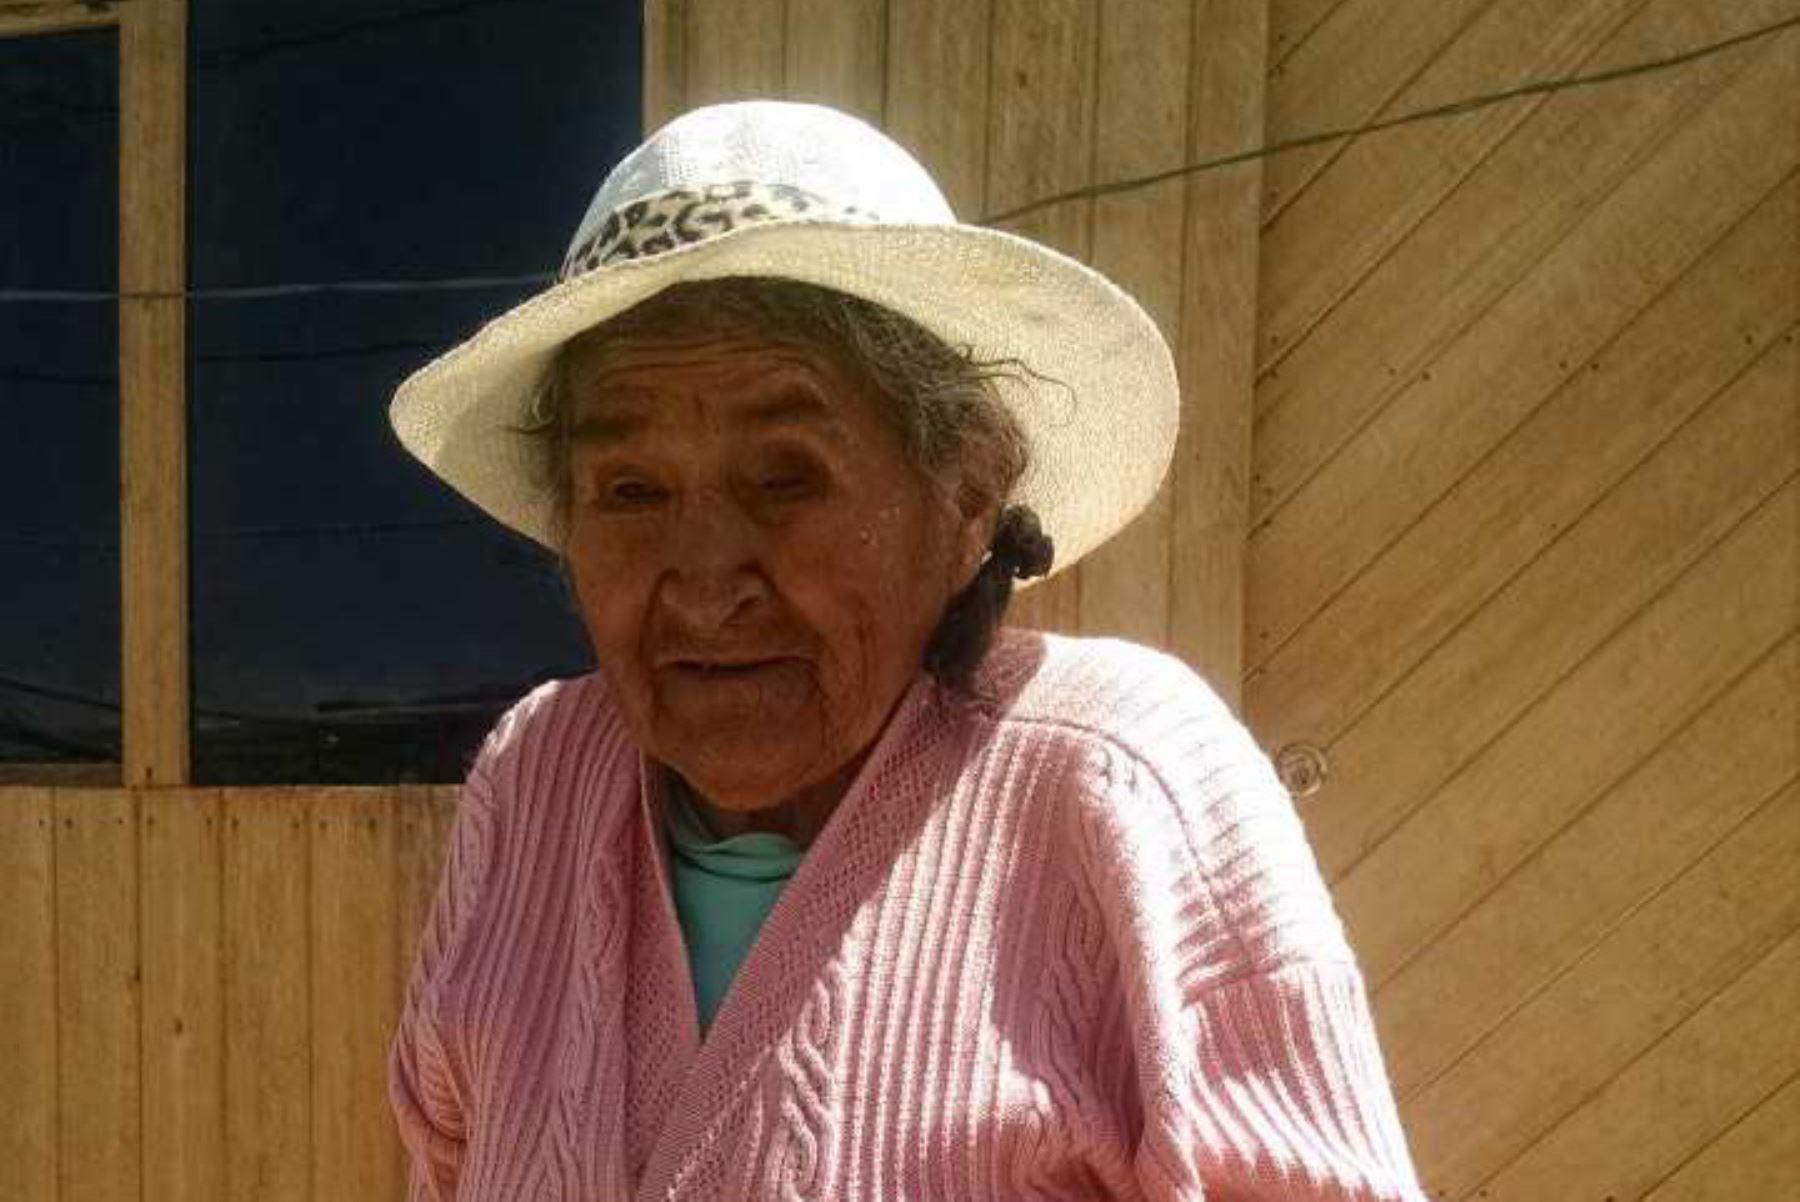 Próxima a cumplir 123 años de edad en mayo próximo, Andrea Gutiérrez Cahuana es natural de Ayacucho y usuaria del Programa Nacional de Asistencia Solidaria Pensión 65, del Ministerio de Desarrollo e Inclusión Social (Midis).